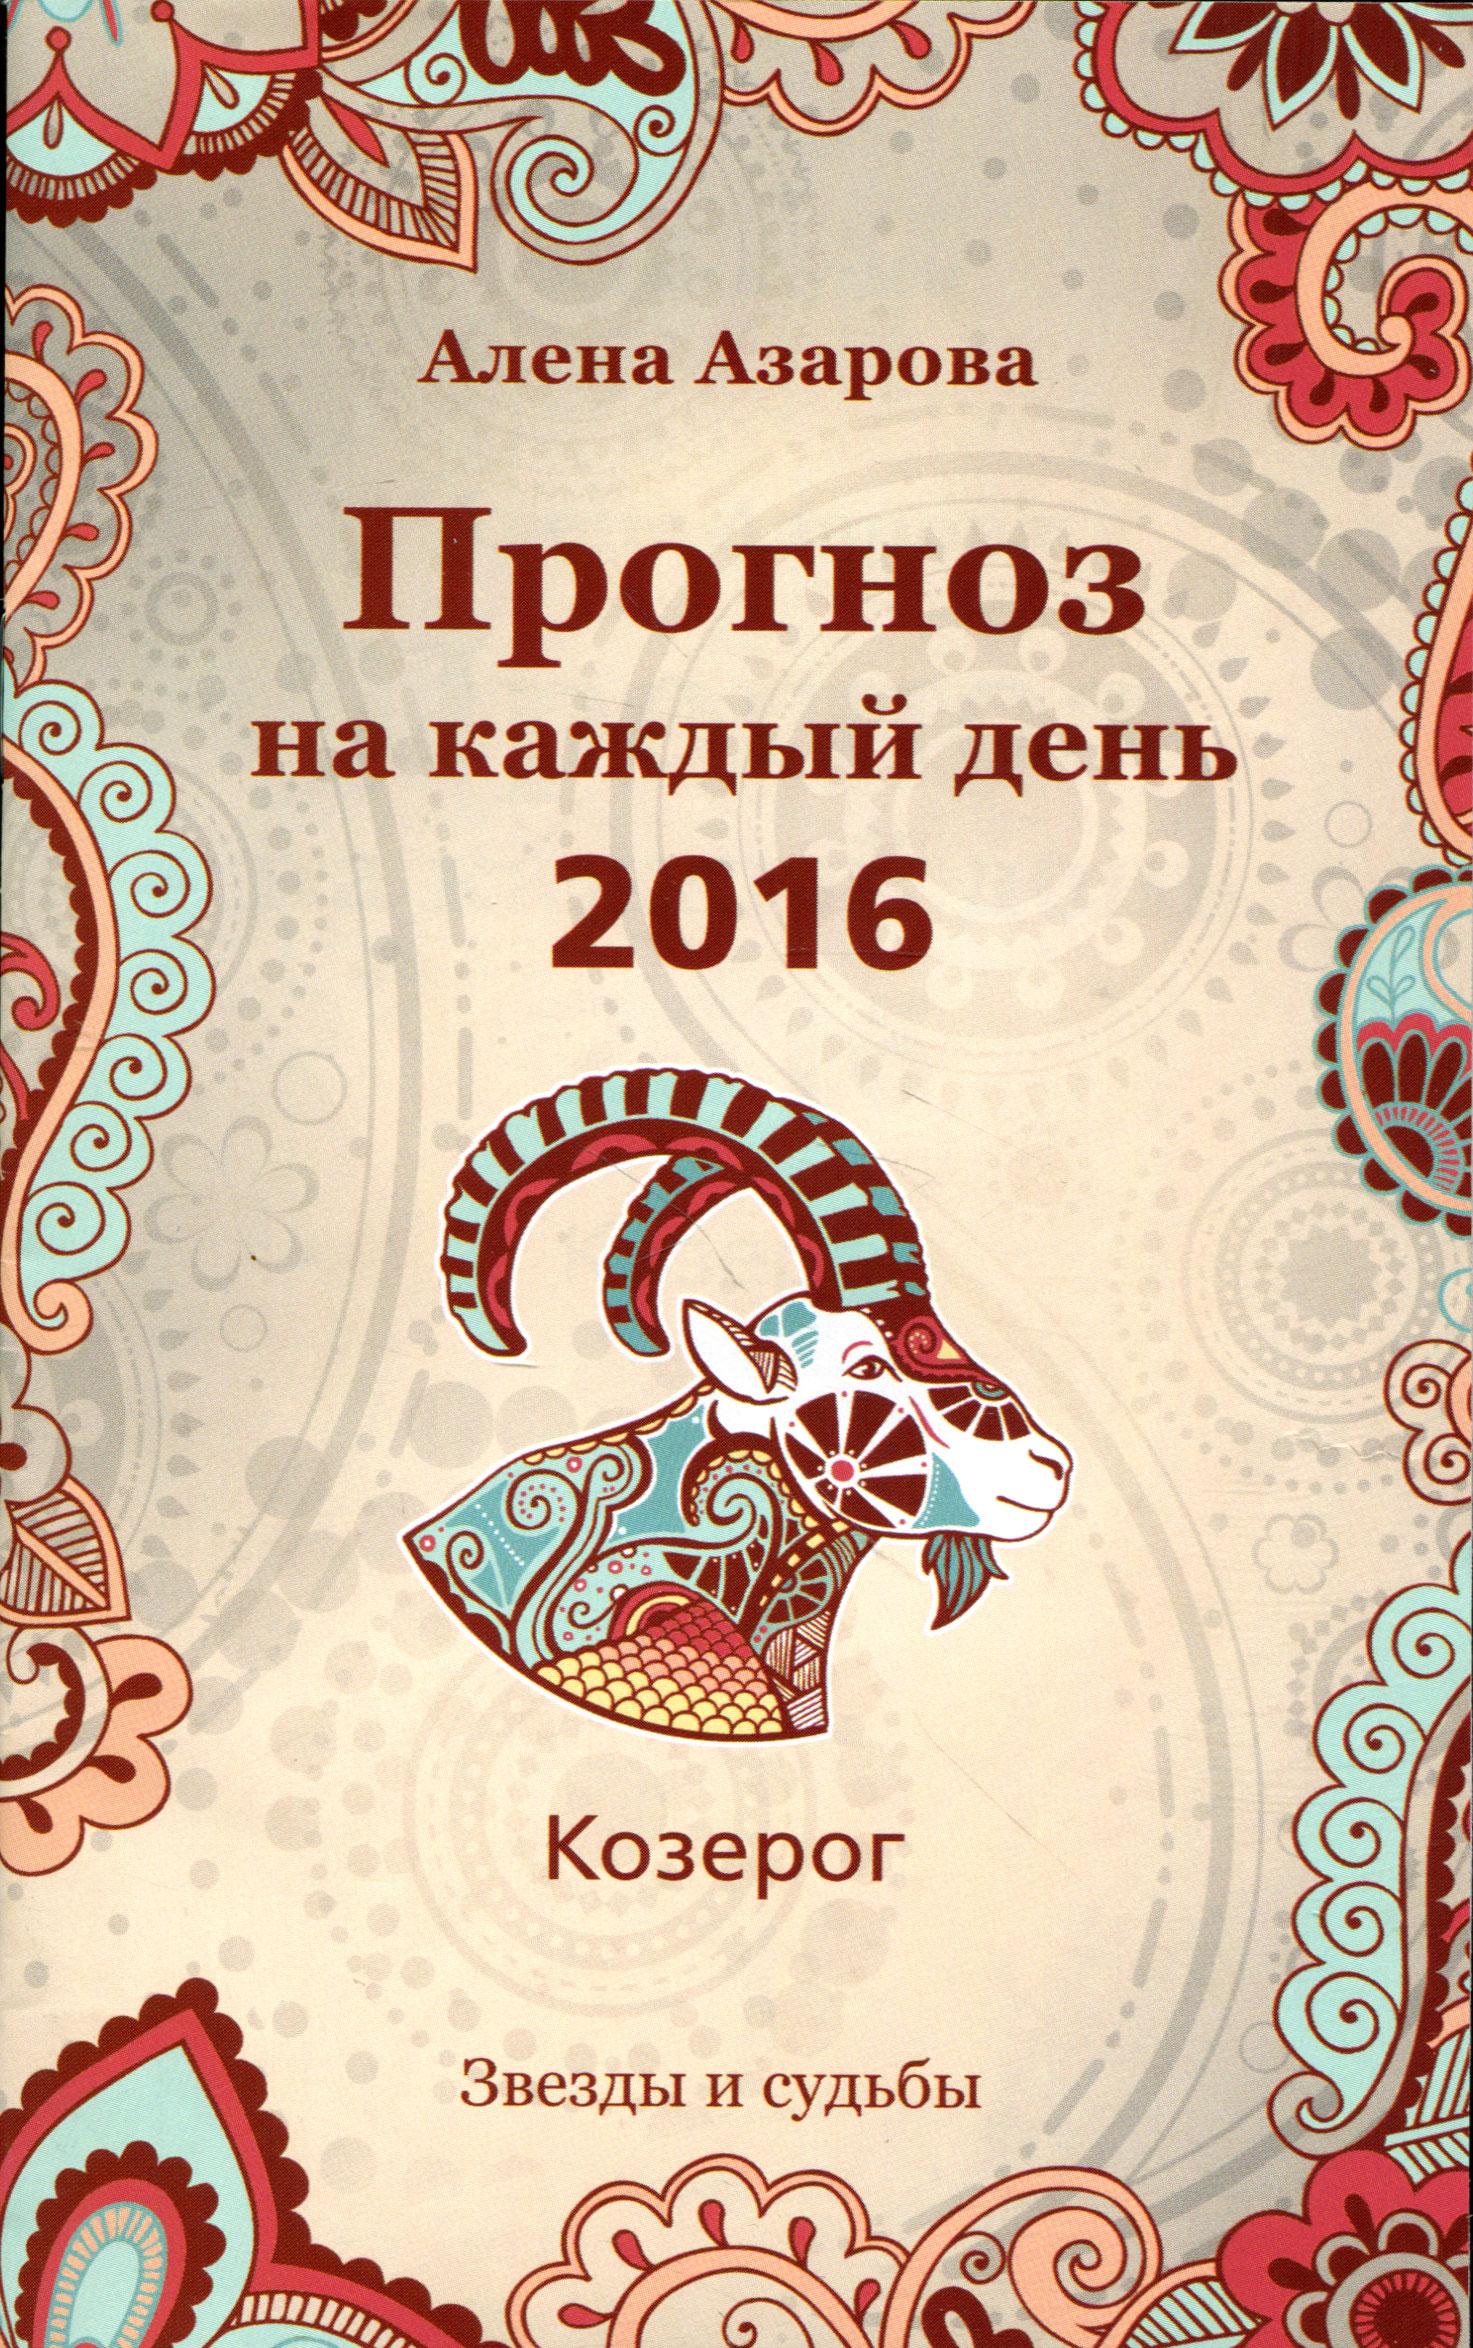 Прогноз на каждый день. 2016 год. Козерог ( 978-5-386-08810-1 )